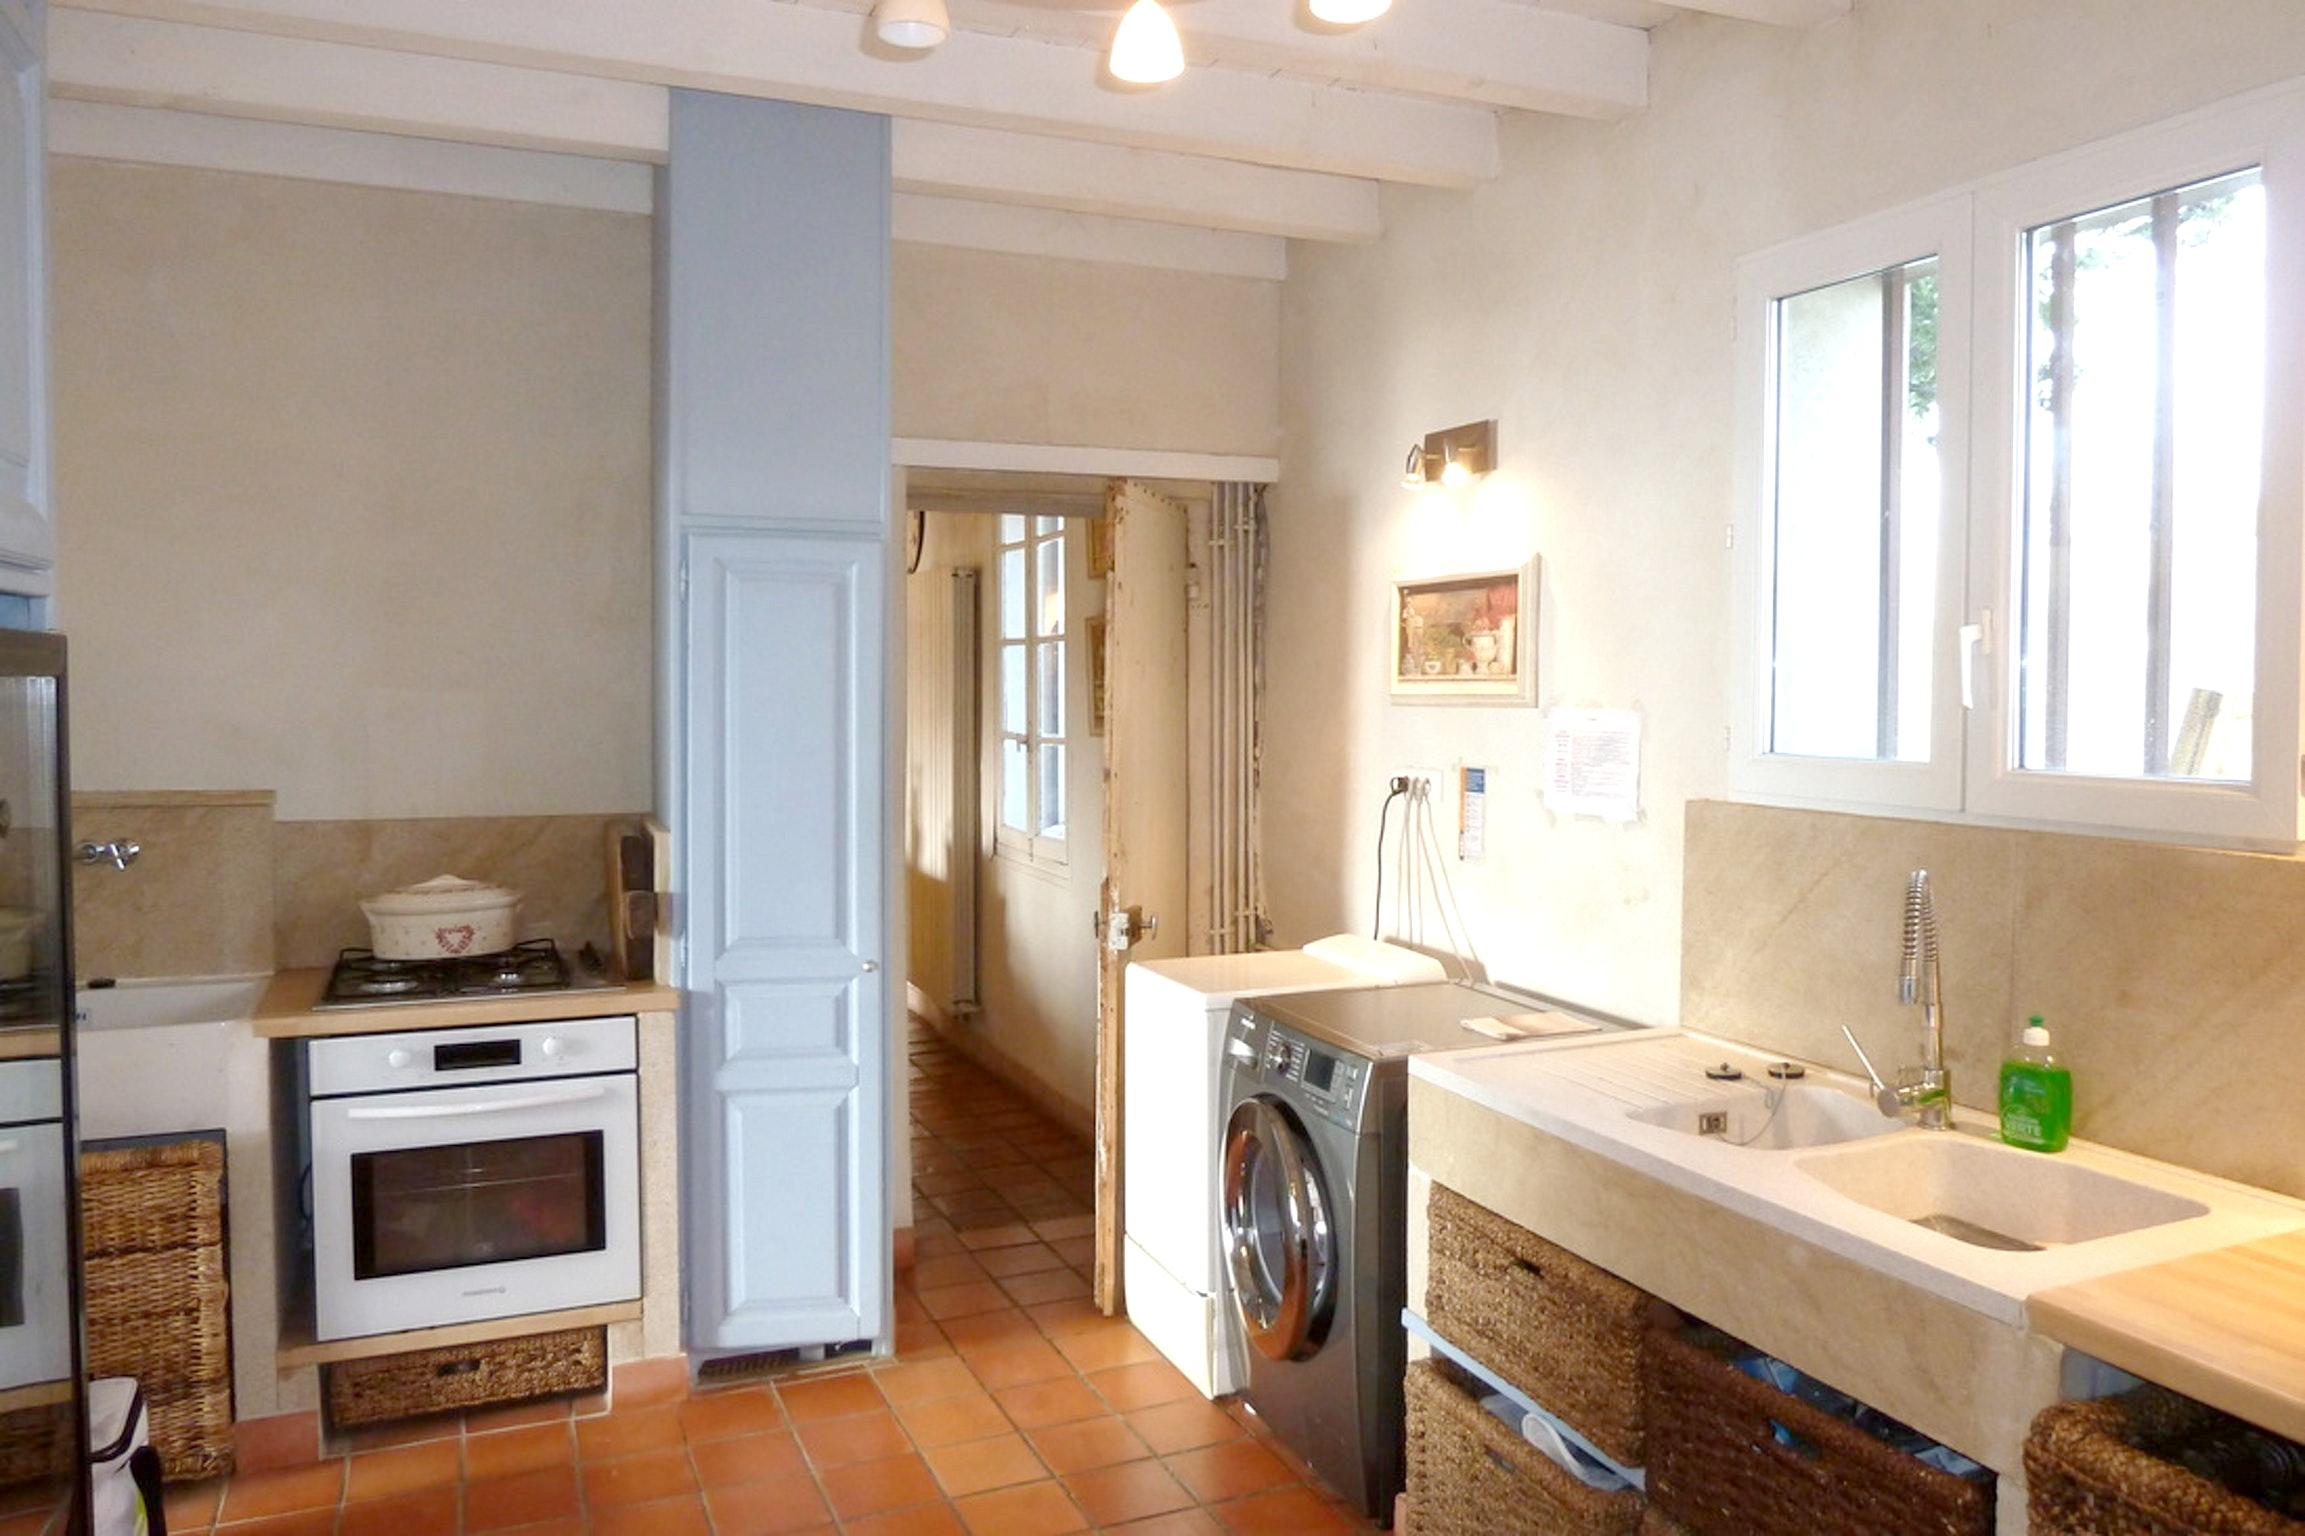 Ferienhaus Haus mit 6 Schlafzimmern in Pernes-les-Fontaines mit privatem Pool, möbliertem Garten und  (2377414), Pernes les Fontaines, Saône-et-Loire, Burgund, Frankreich, Bild 20